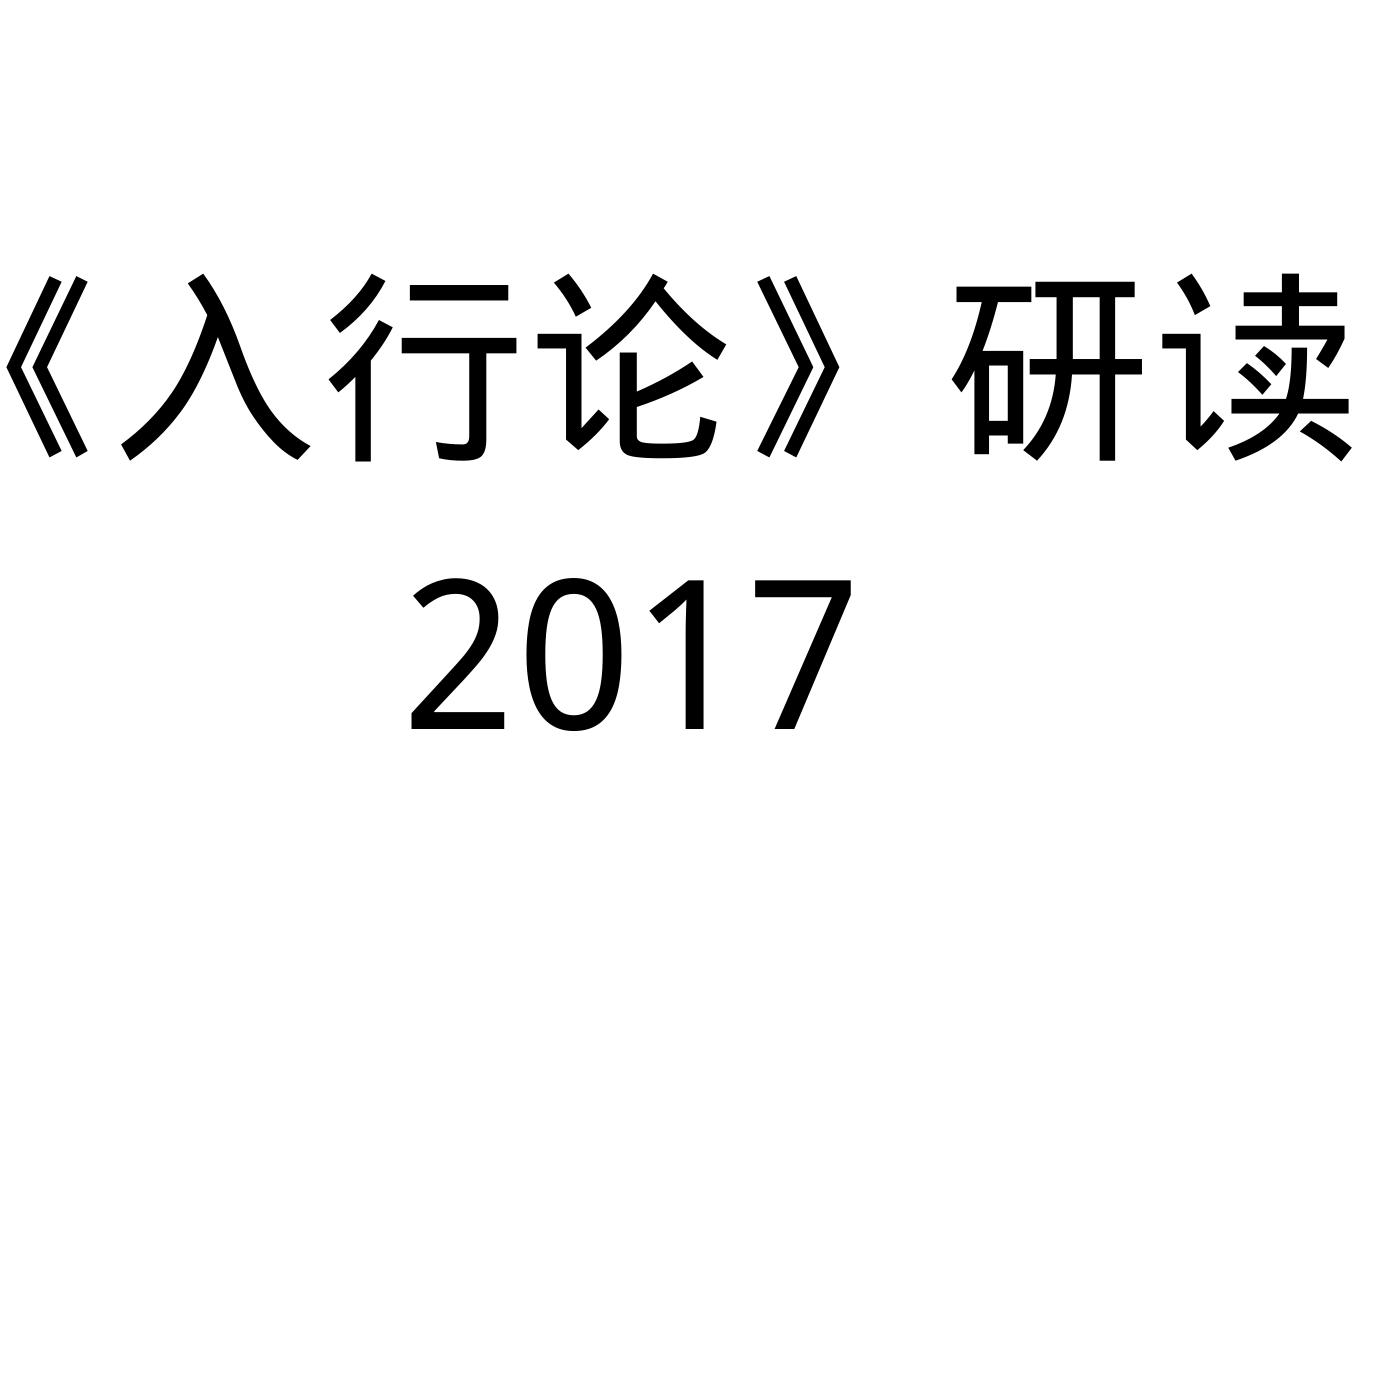 2017年马君美老师《入行论》研读